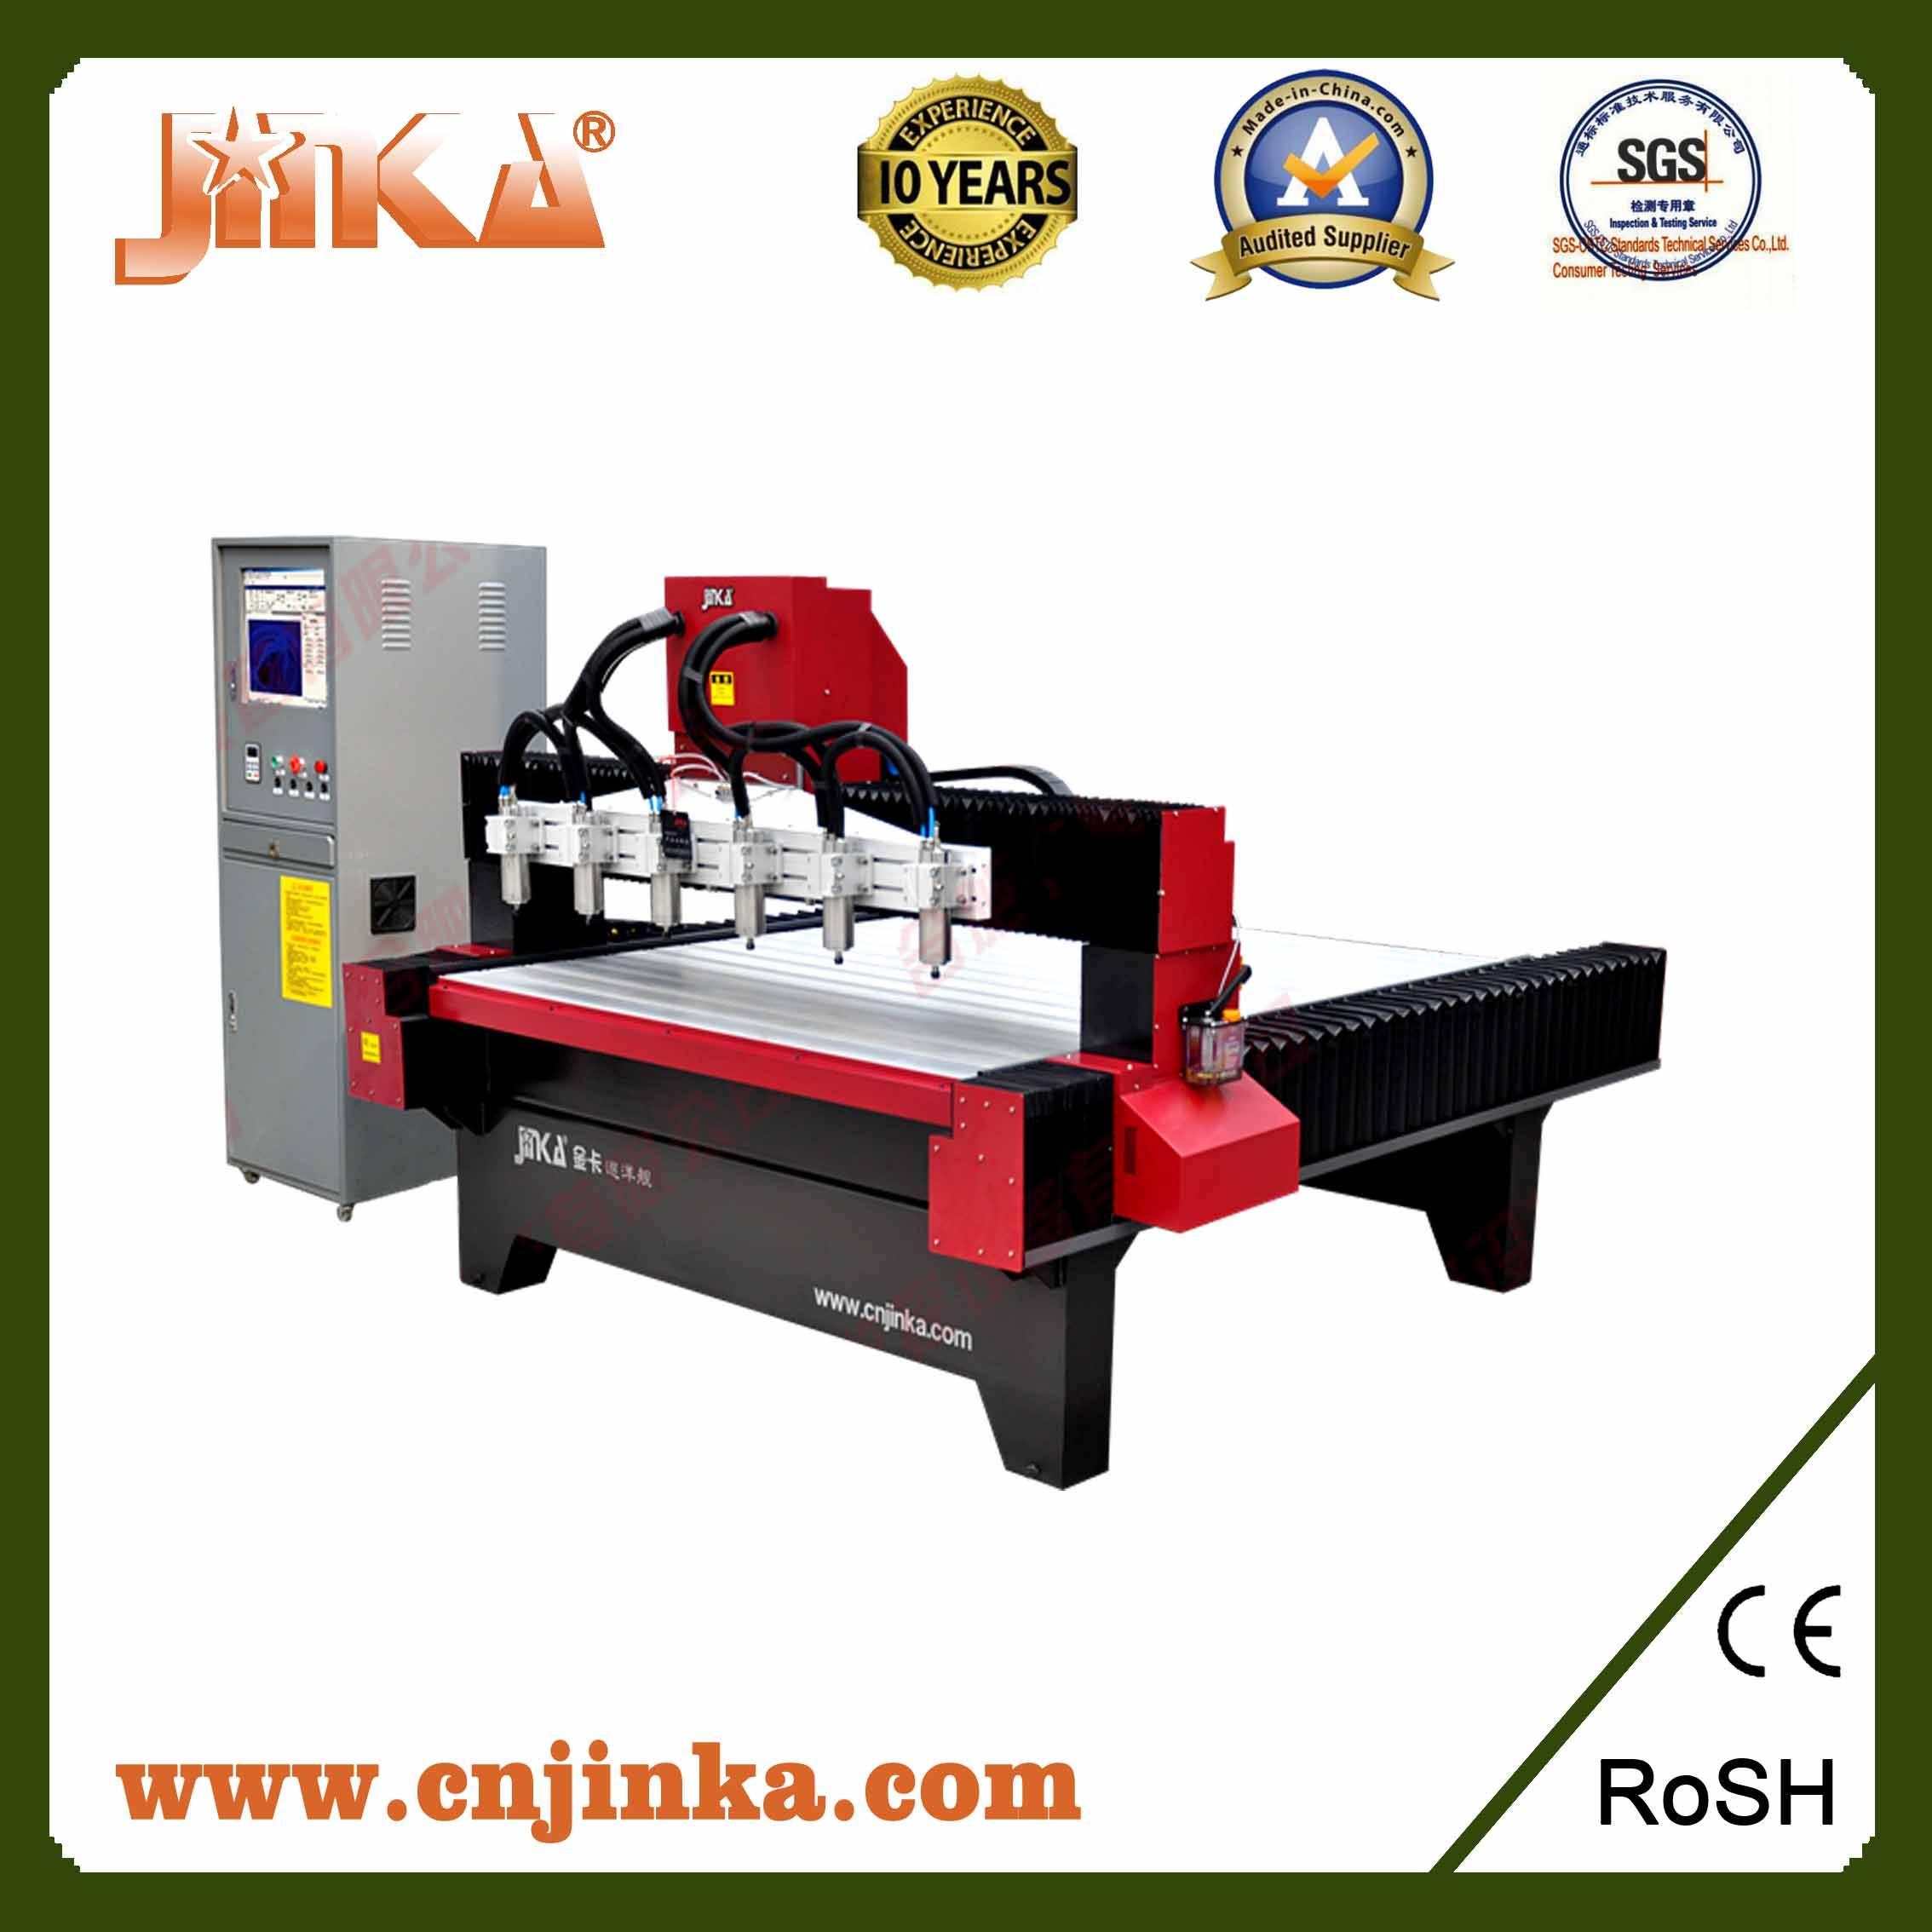 CNC Wooden Engraving Machine ZMD-1618C